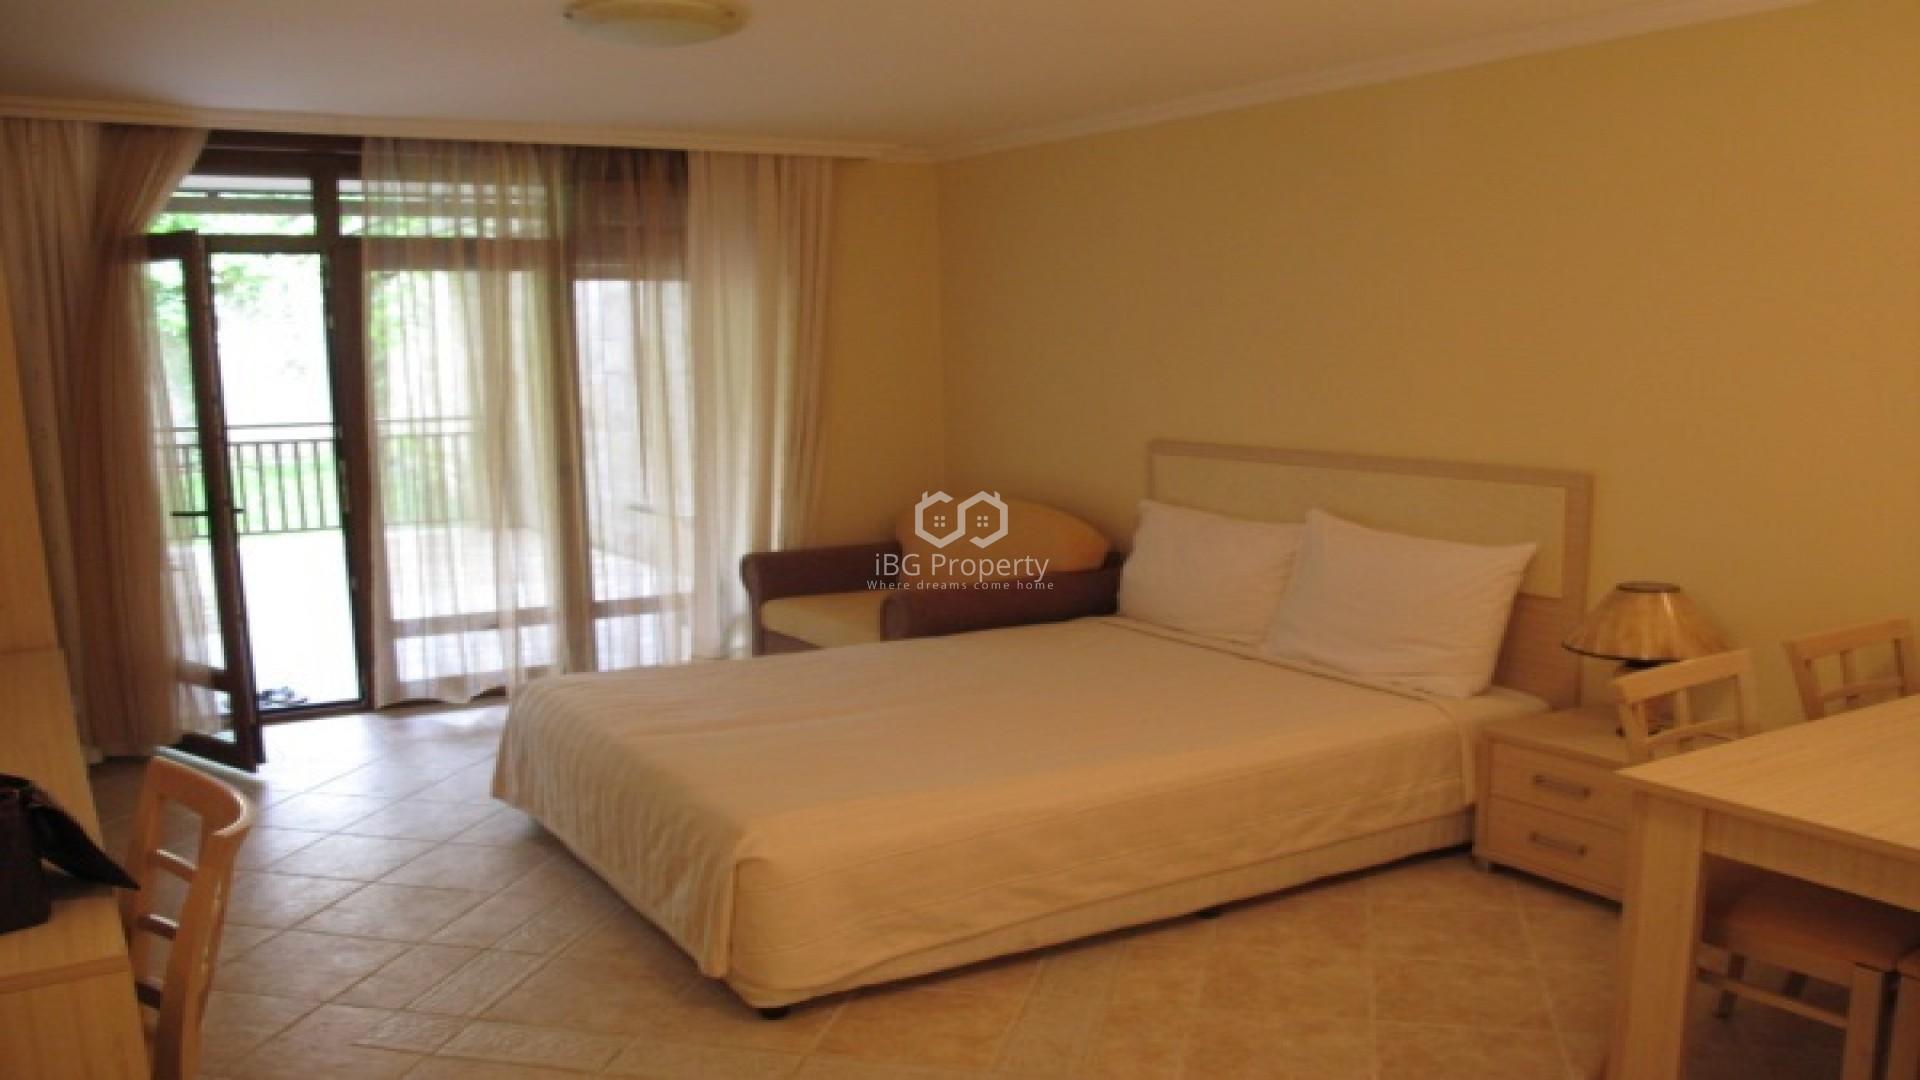 Eдностаен апартамент Созопол 64 m2